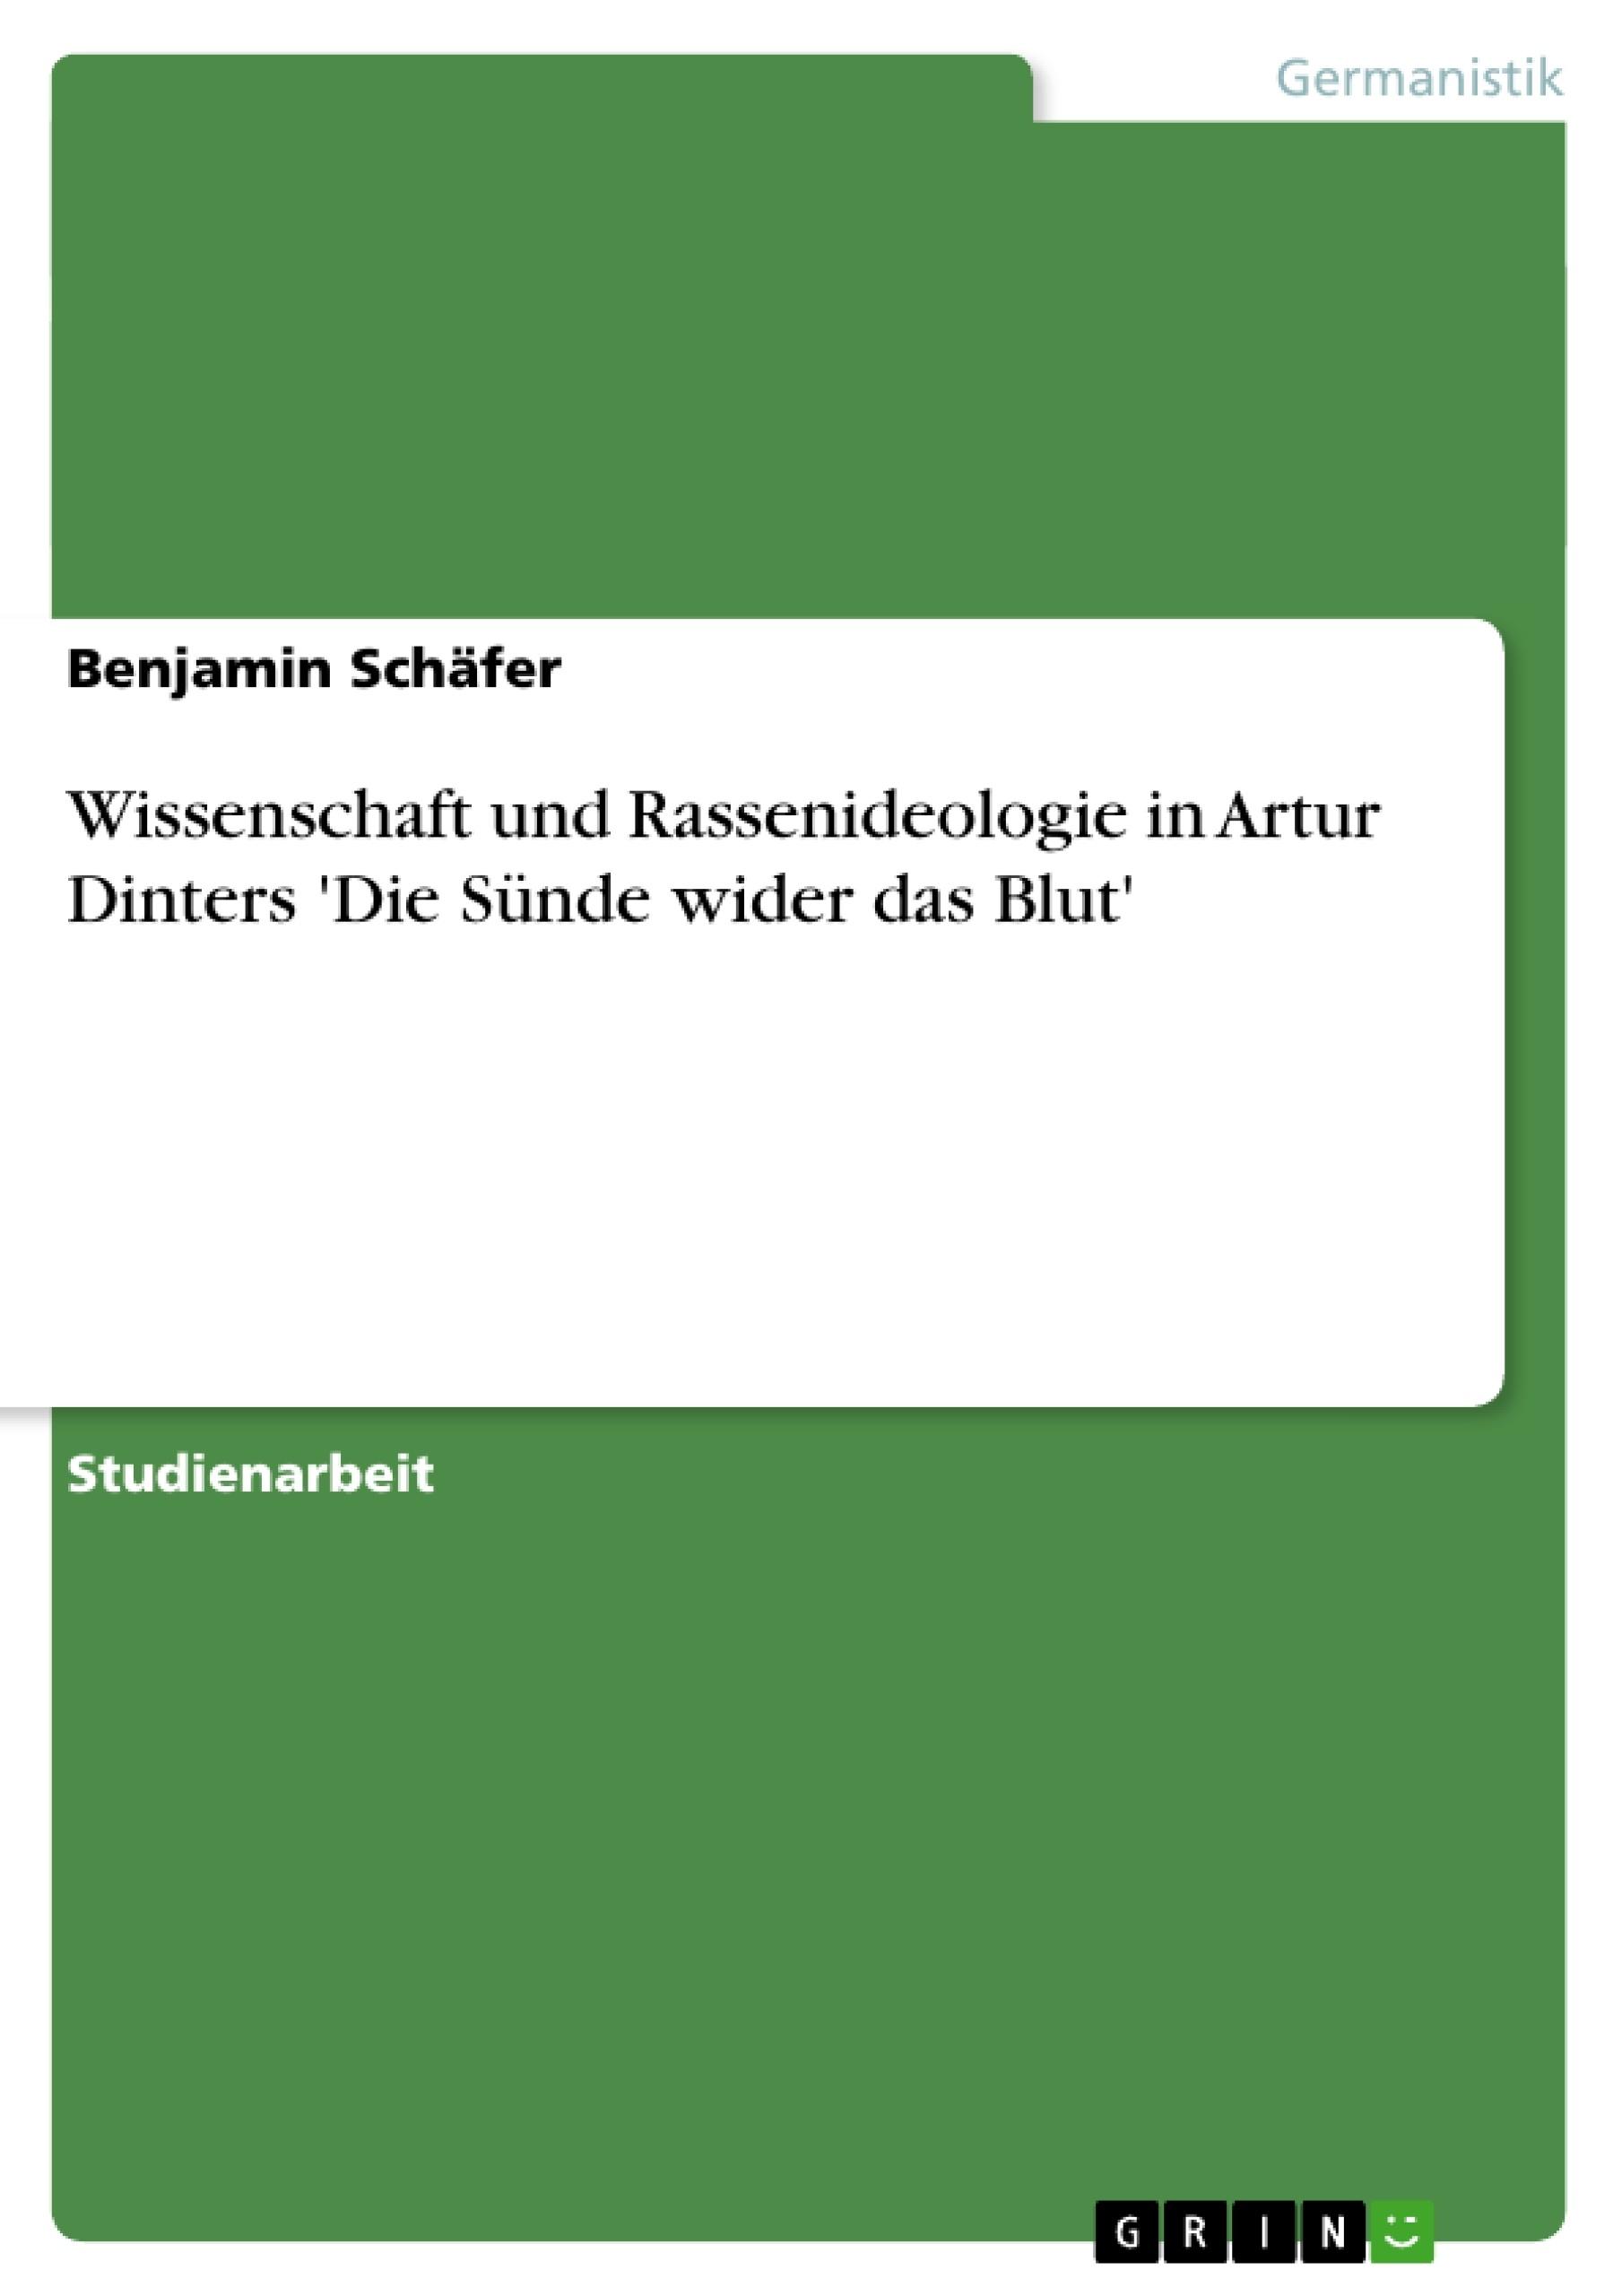 Titel: Wissenschaft und Rassenideologie in Artur Dinters 'Die Sünde wider das Blut'